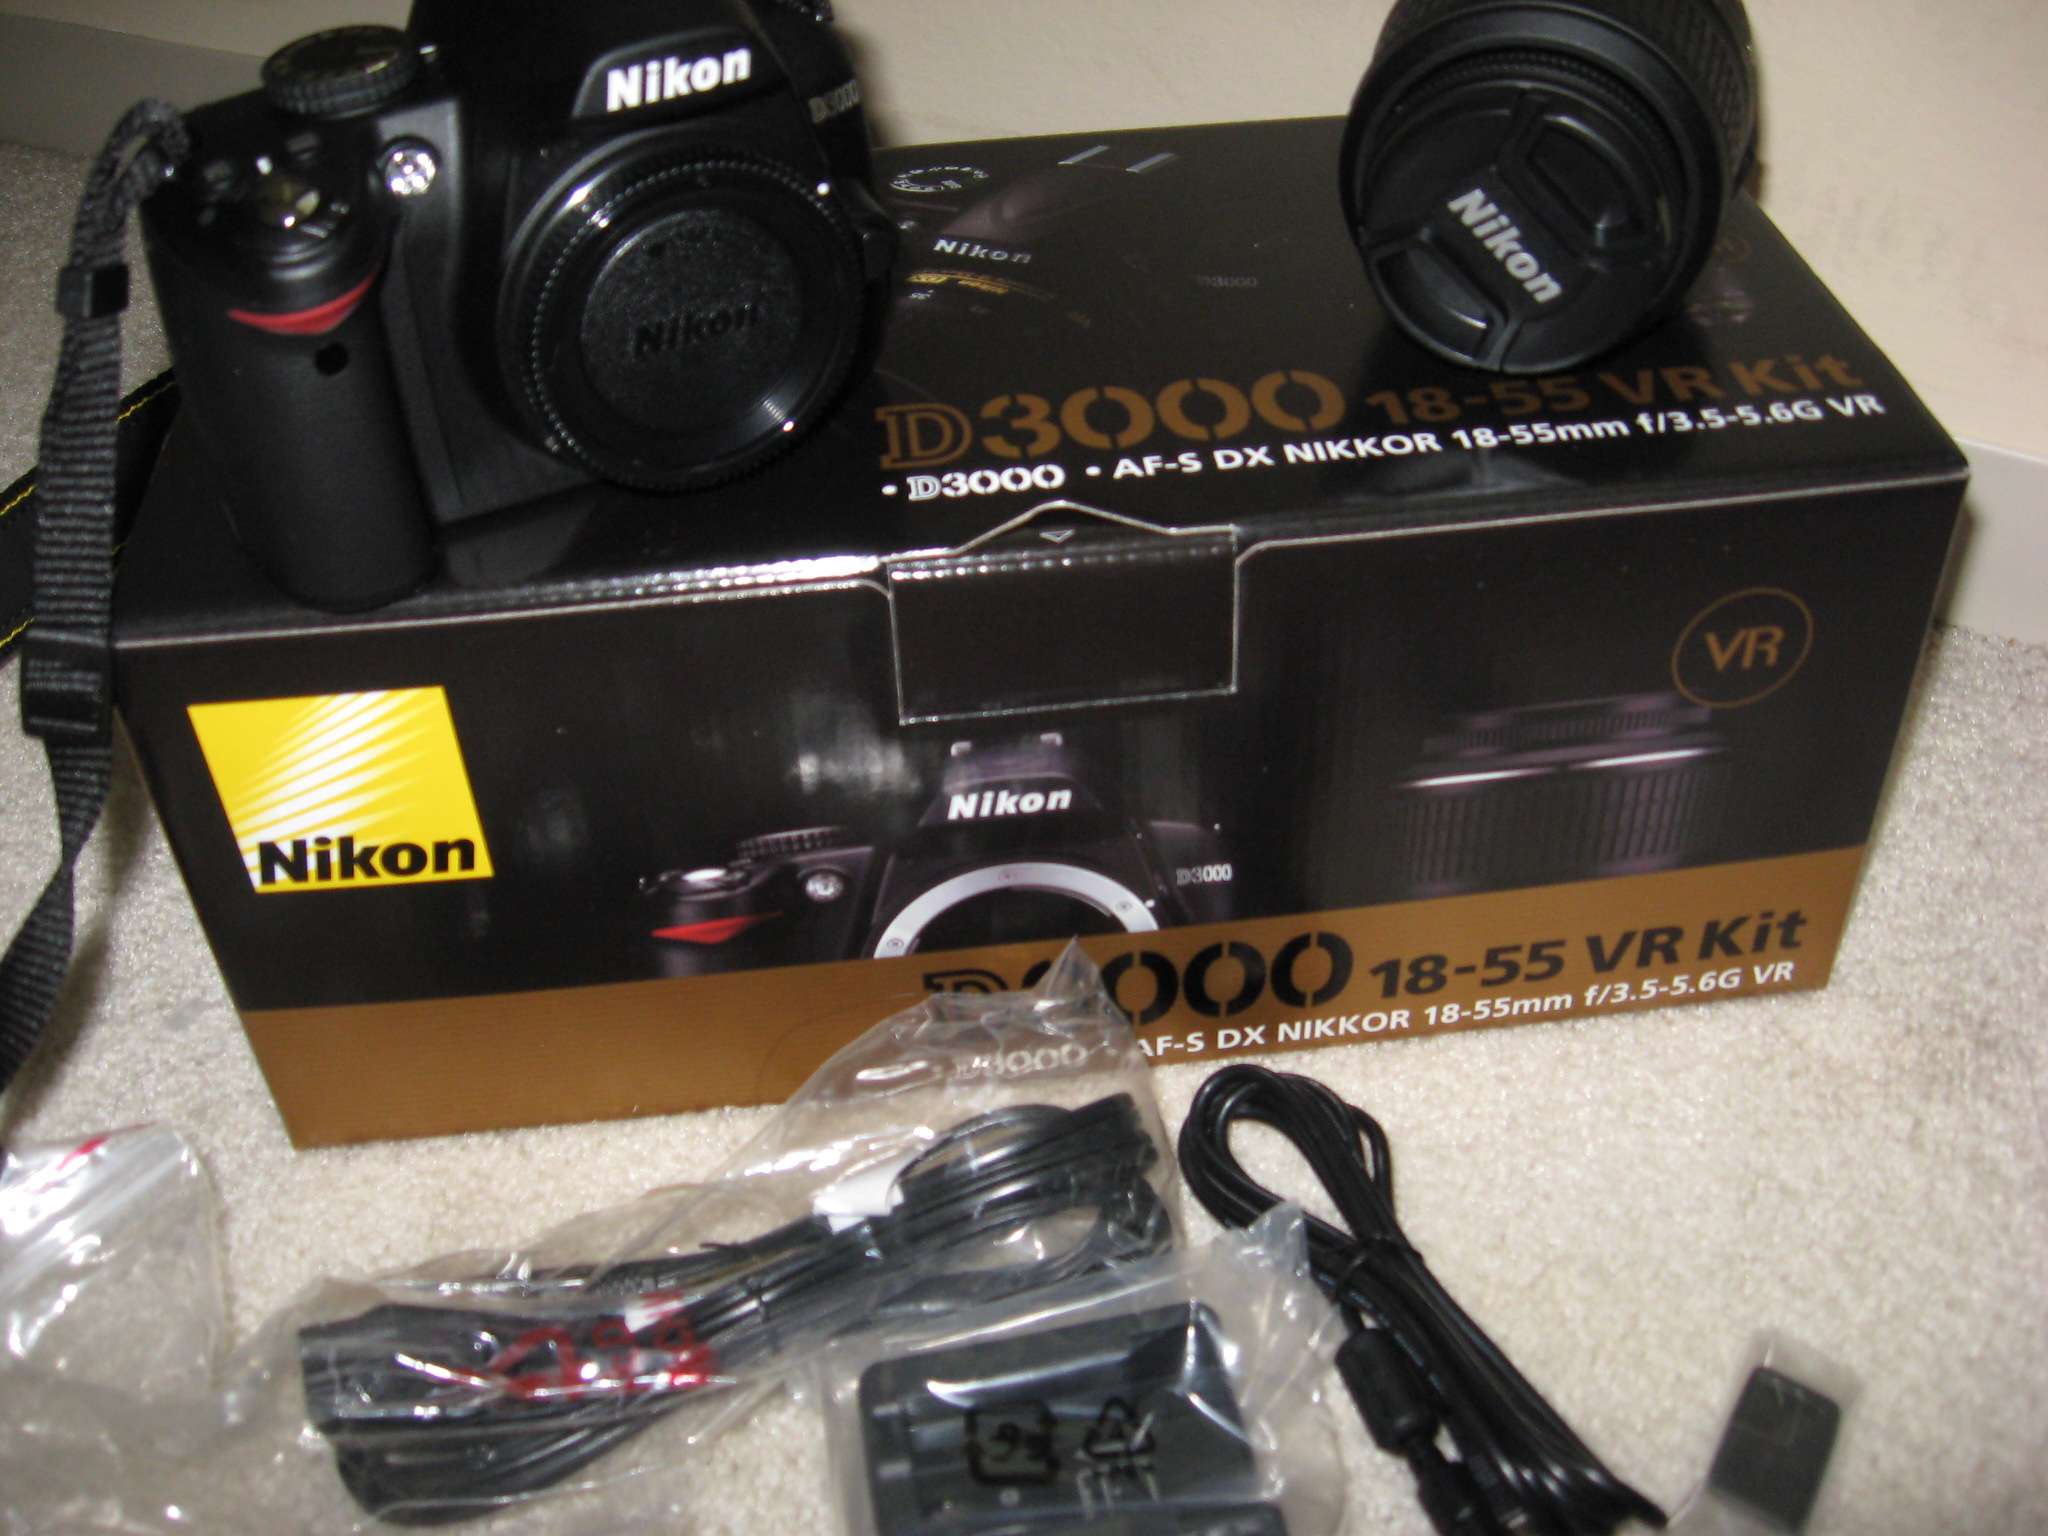 исправить синий фотоаппарат никон д3000 цена крошатся зубы детей?